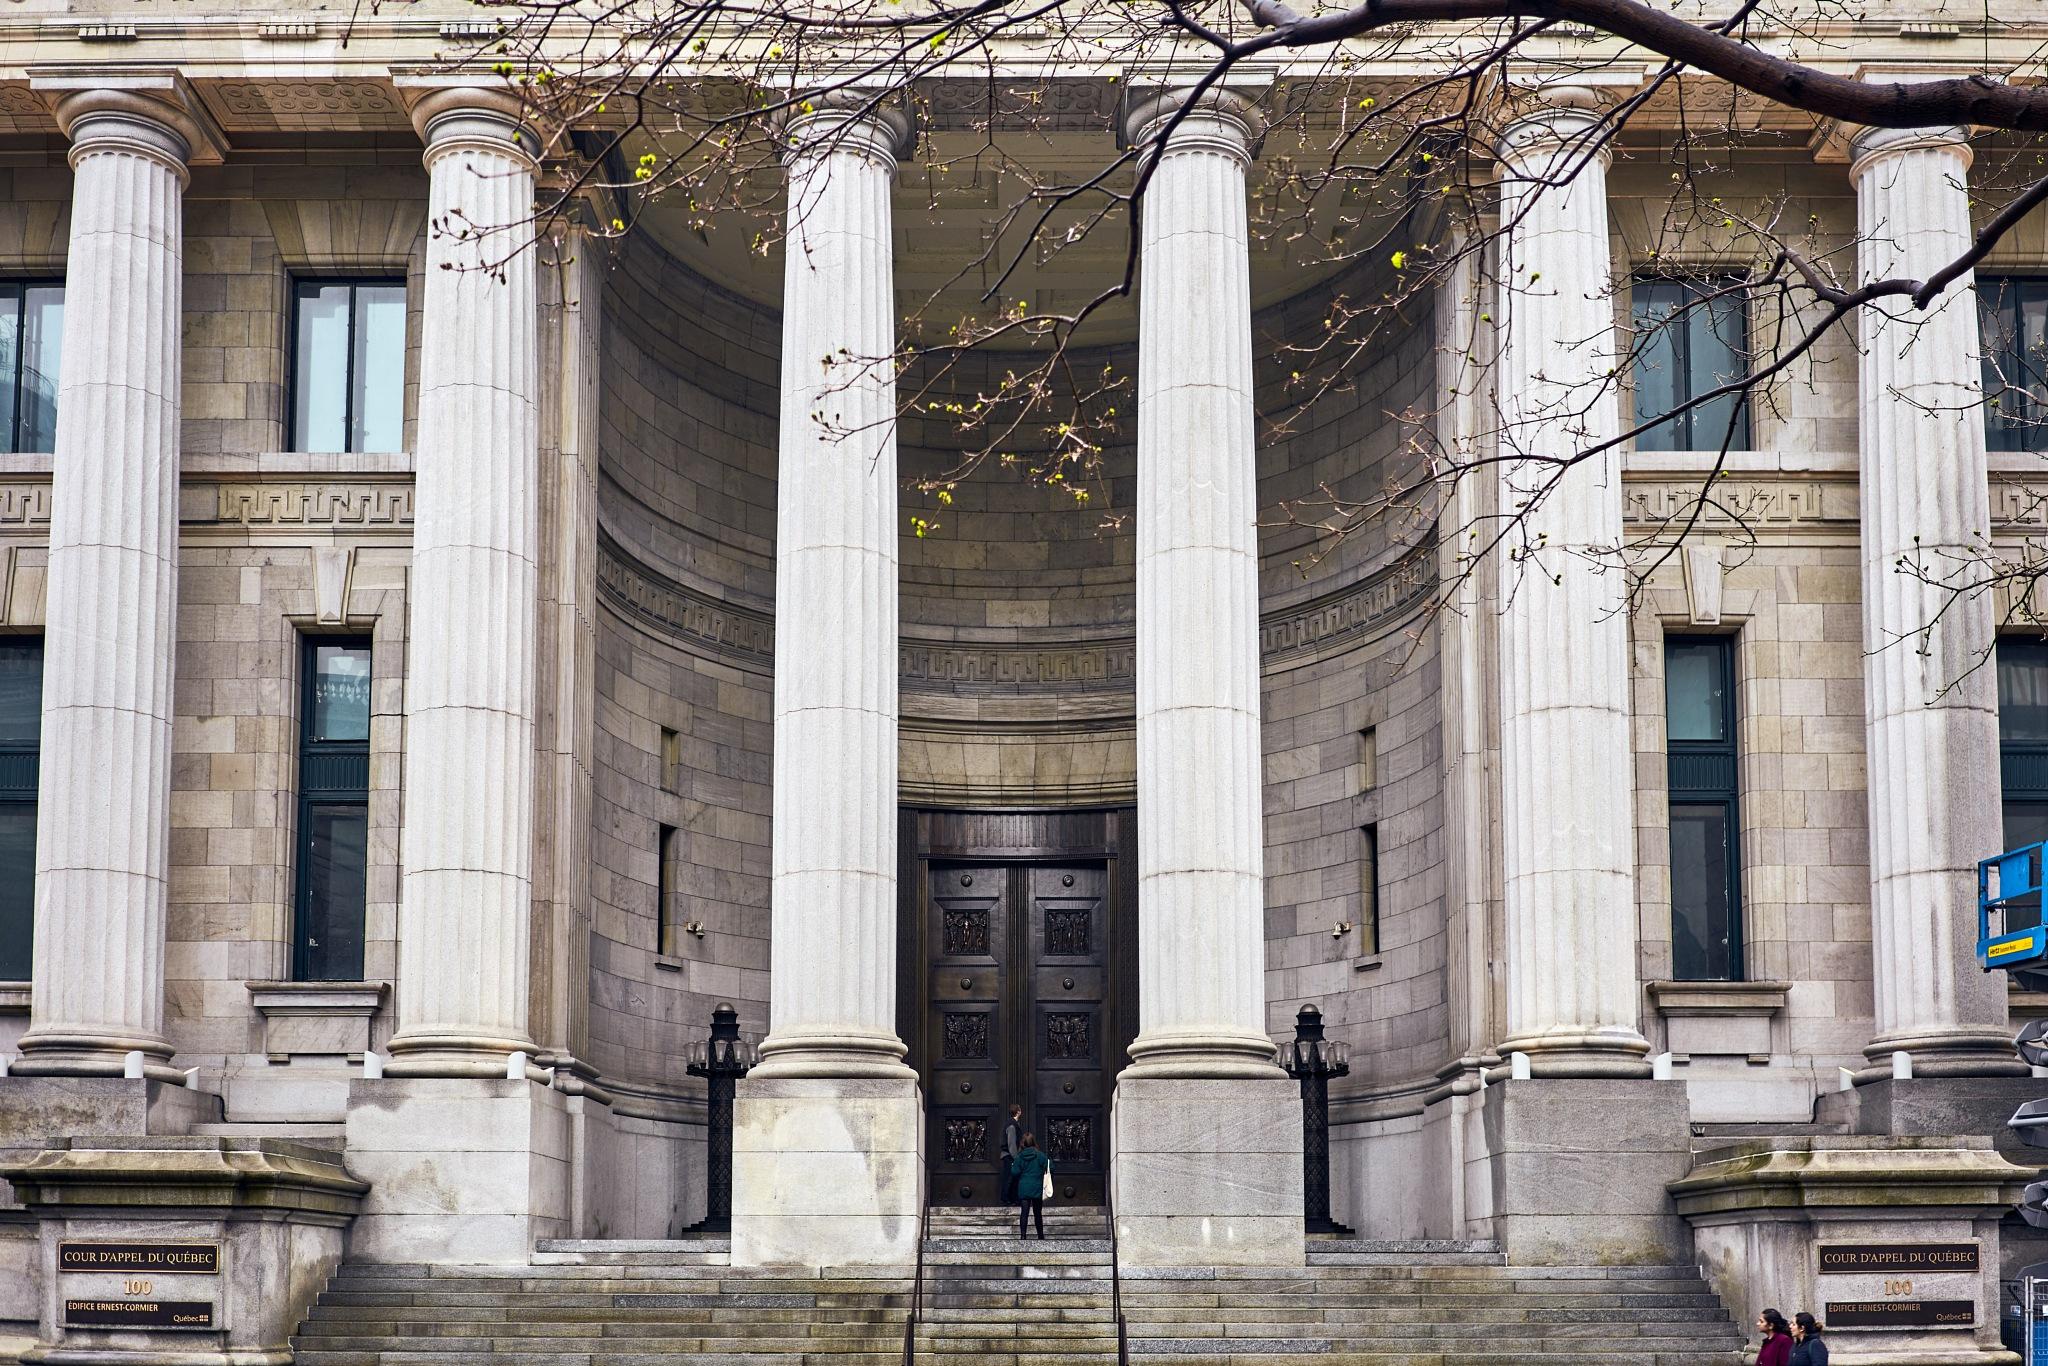 Columns by Brandon Nydell